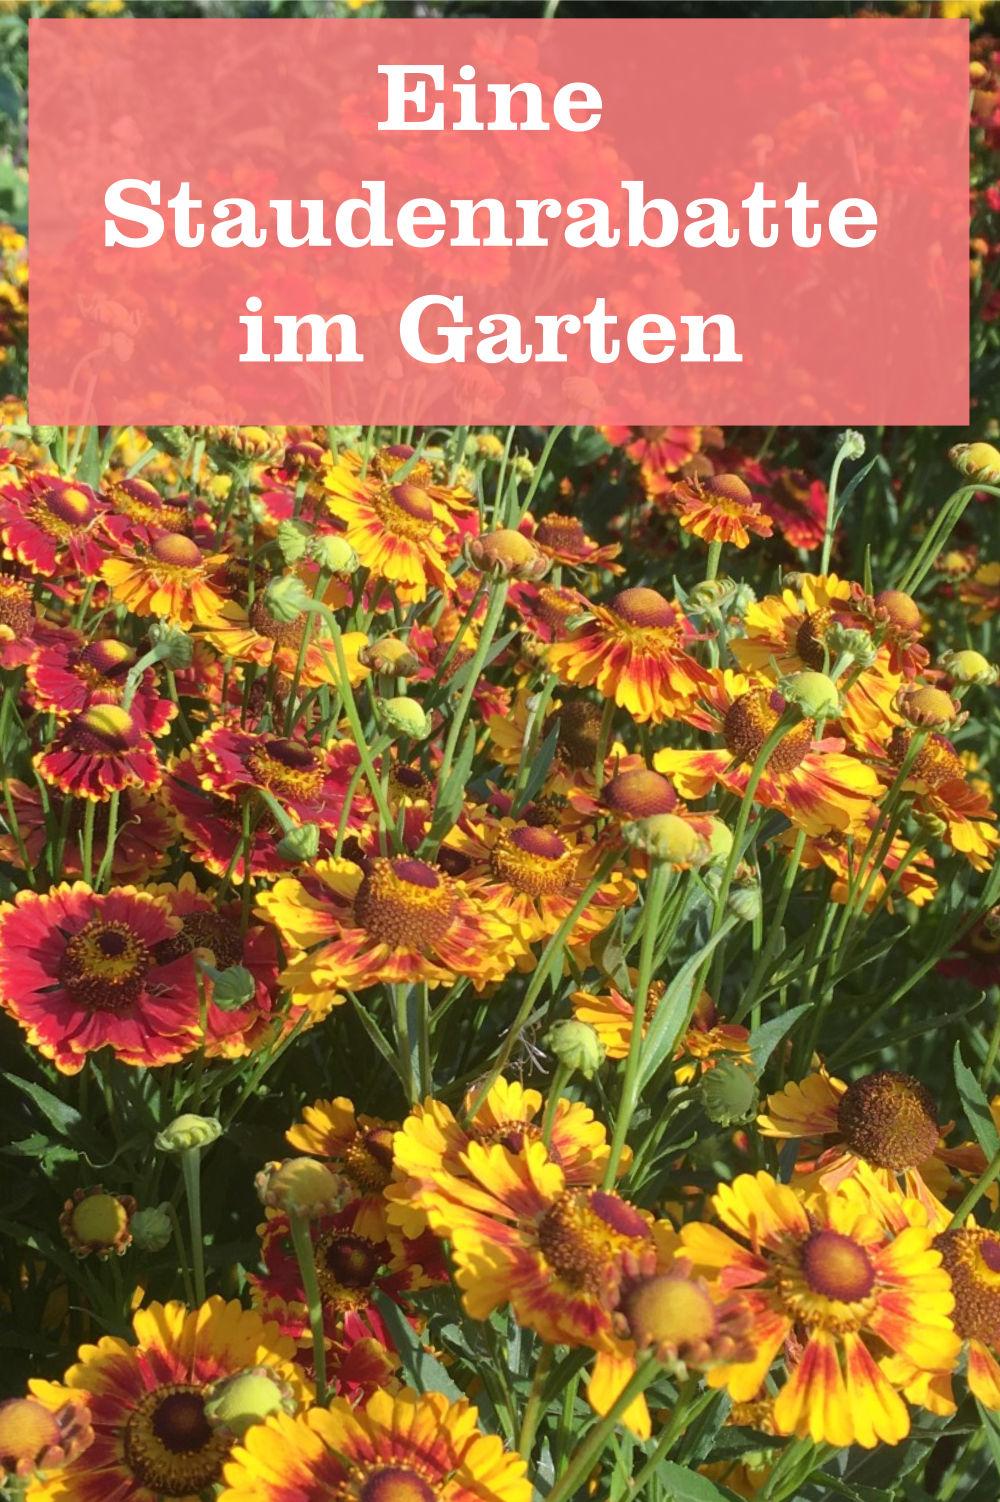 Atemberaubend Eine Stauden-Rabatte sollte in keinem Garten fehlen » GartenBob.de &GQ_12